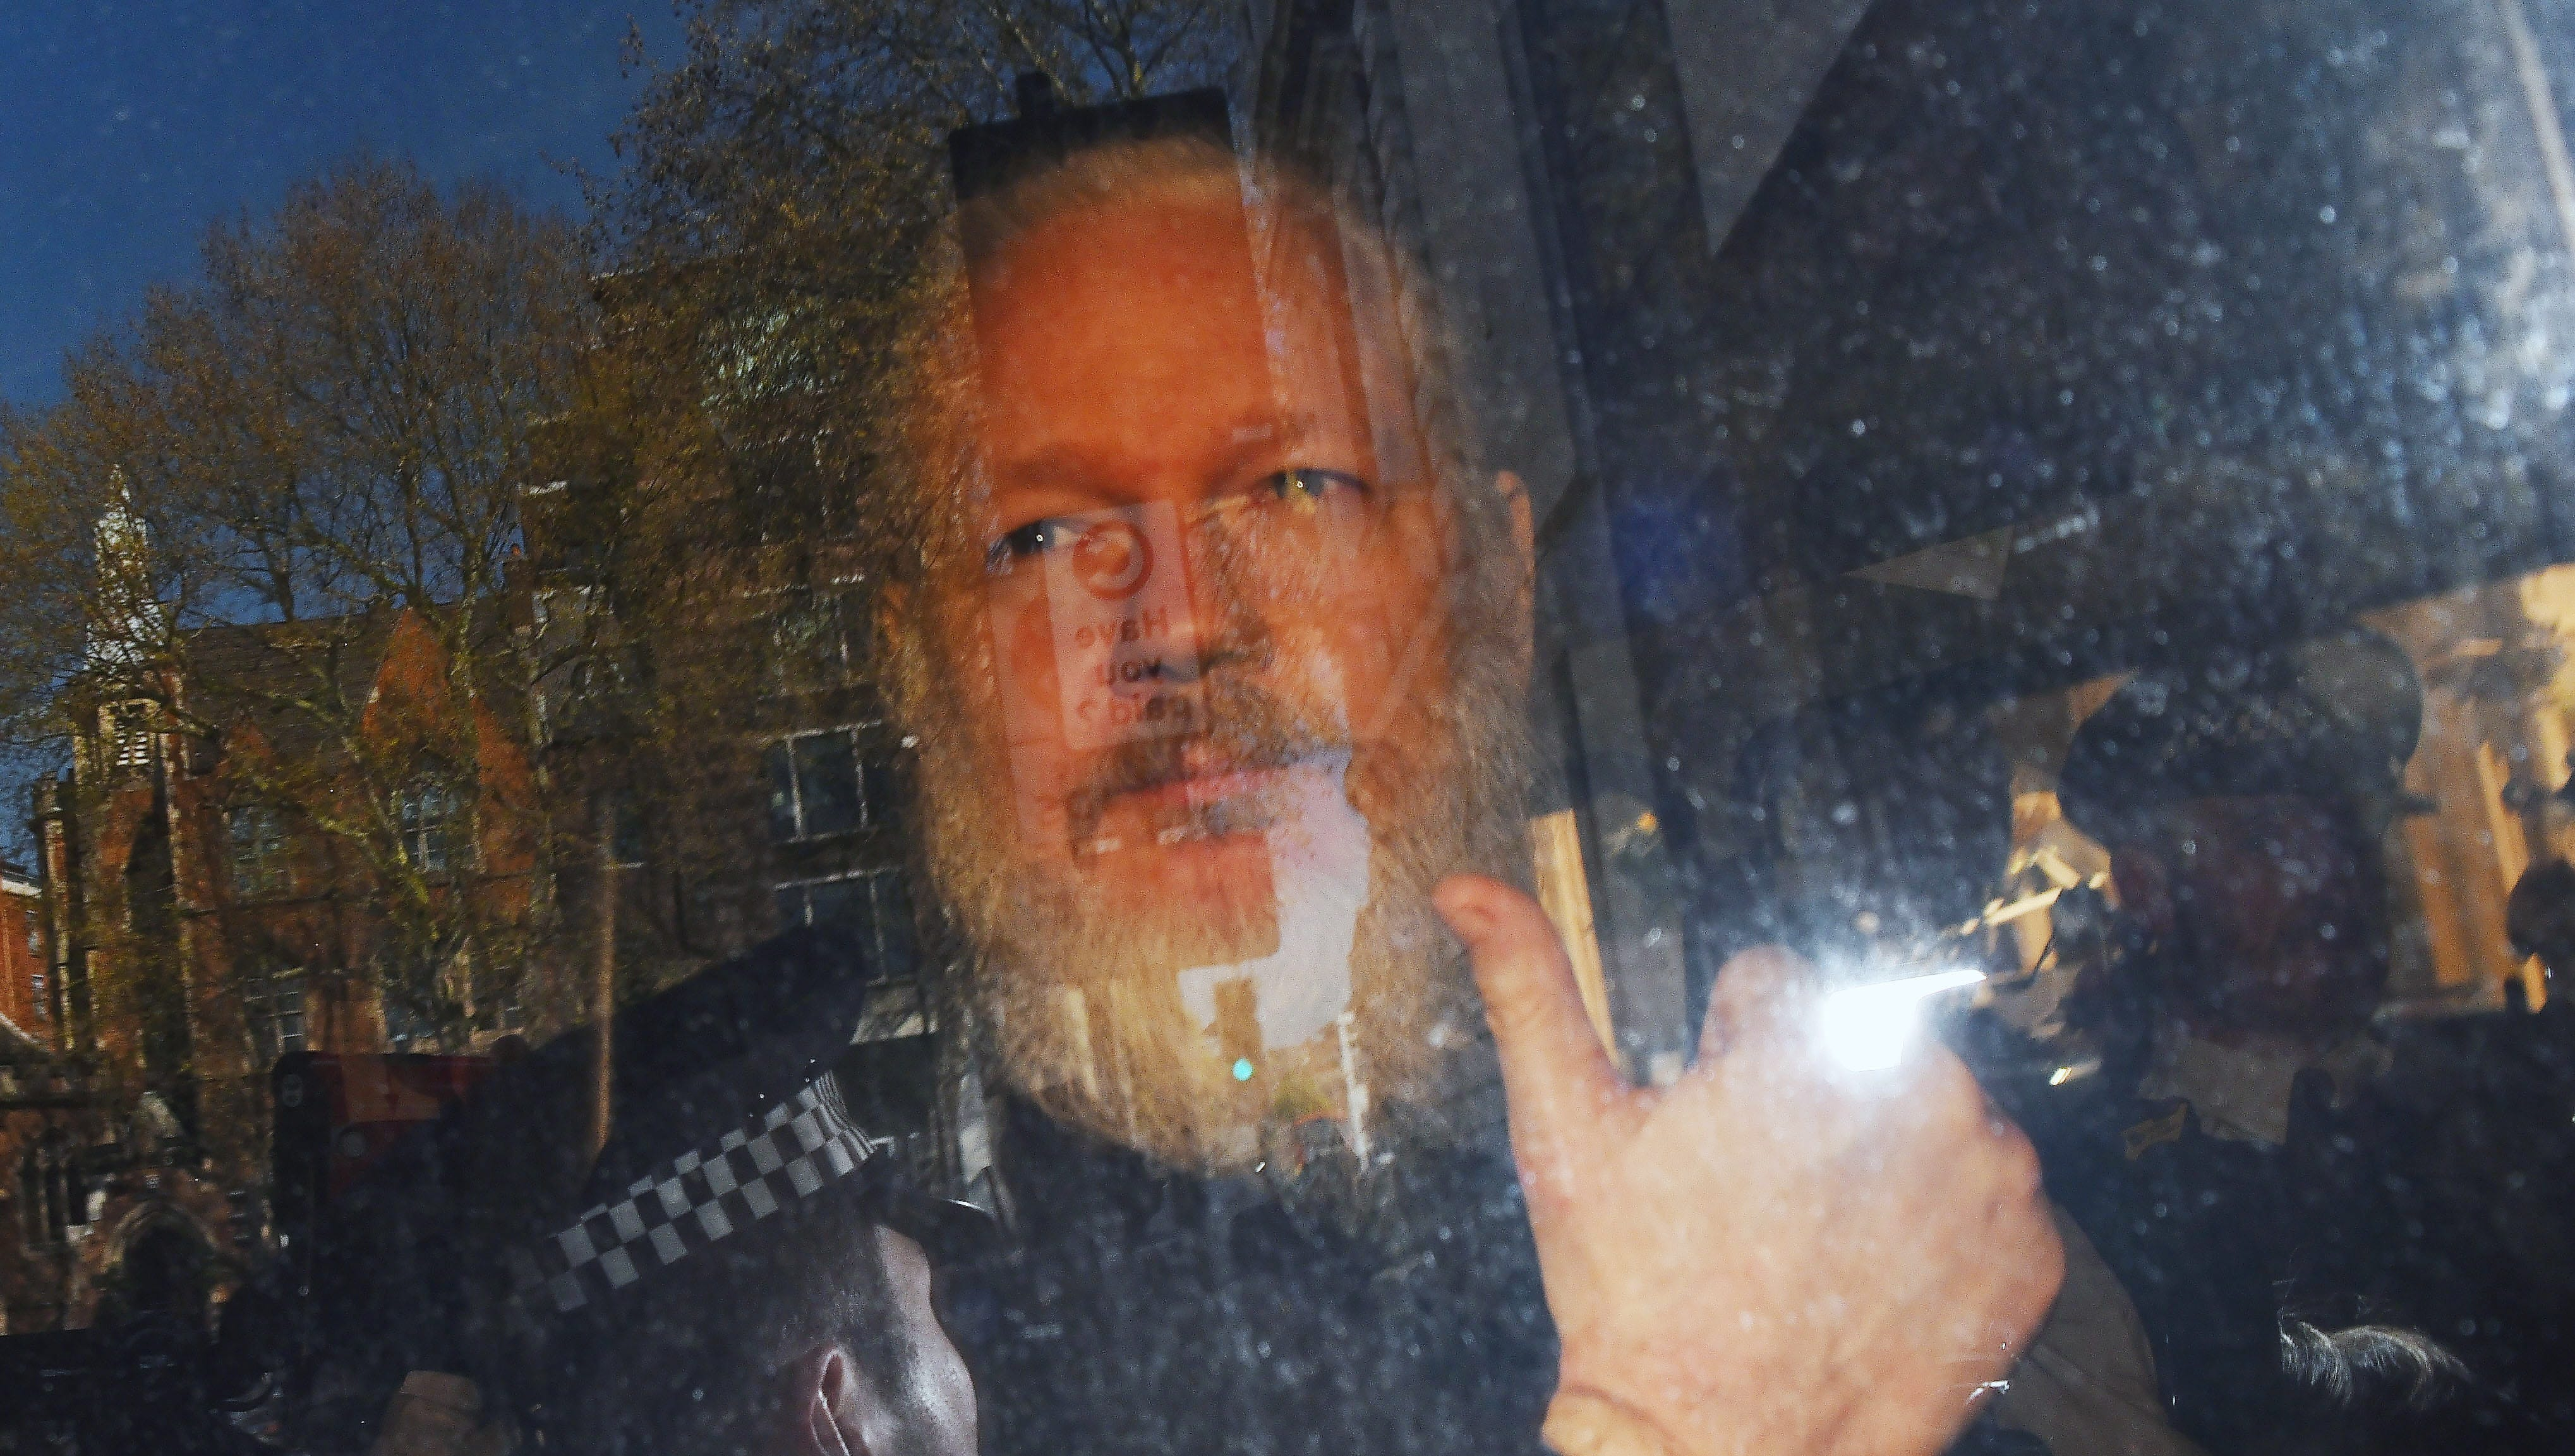 Wikileaks co-founder Julian Assange in London on April 11, 2019.